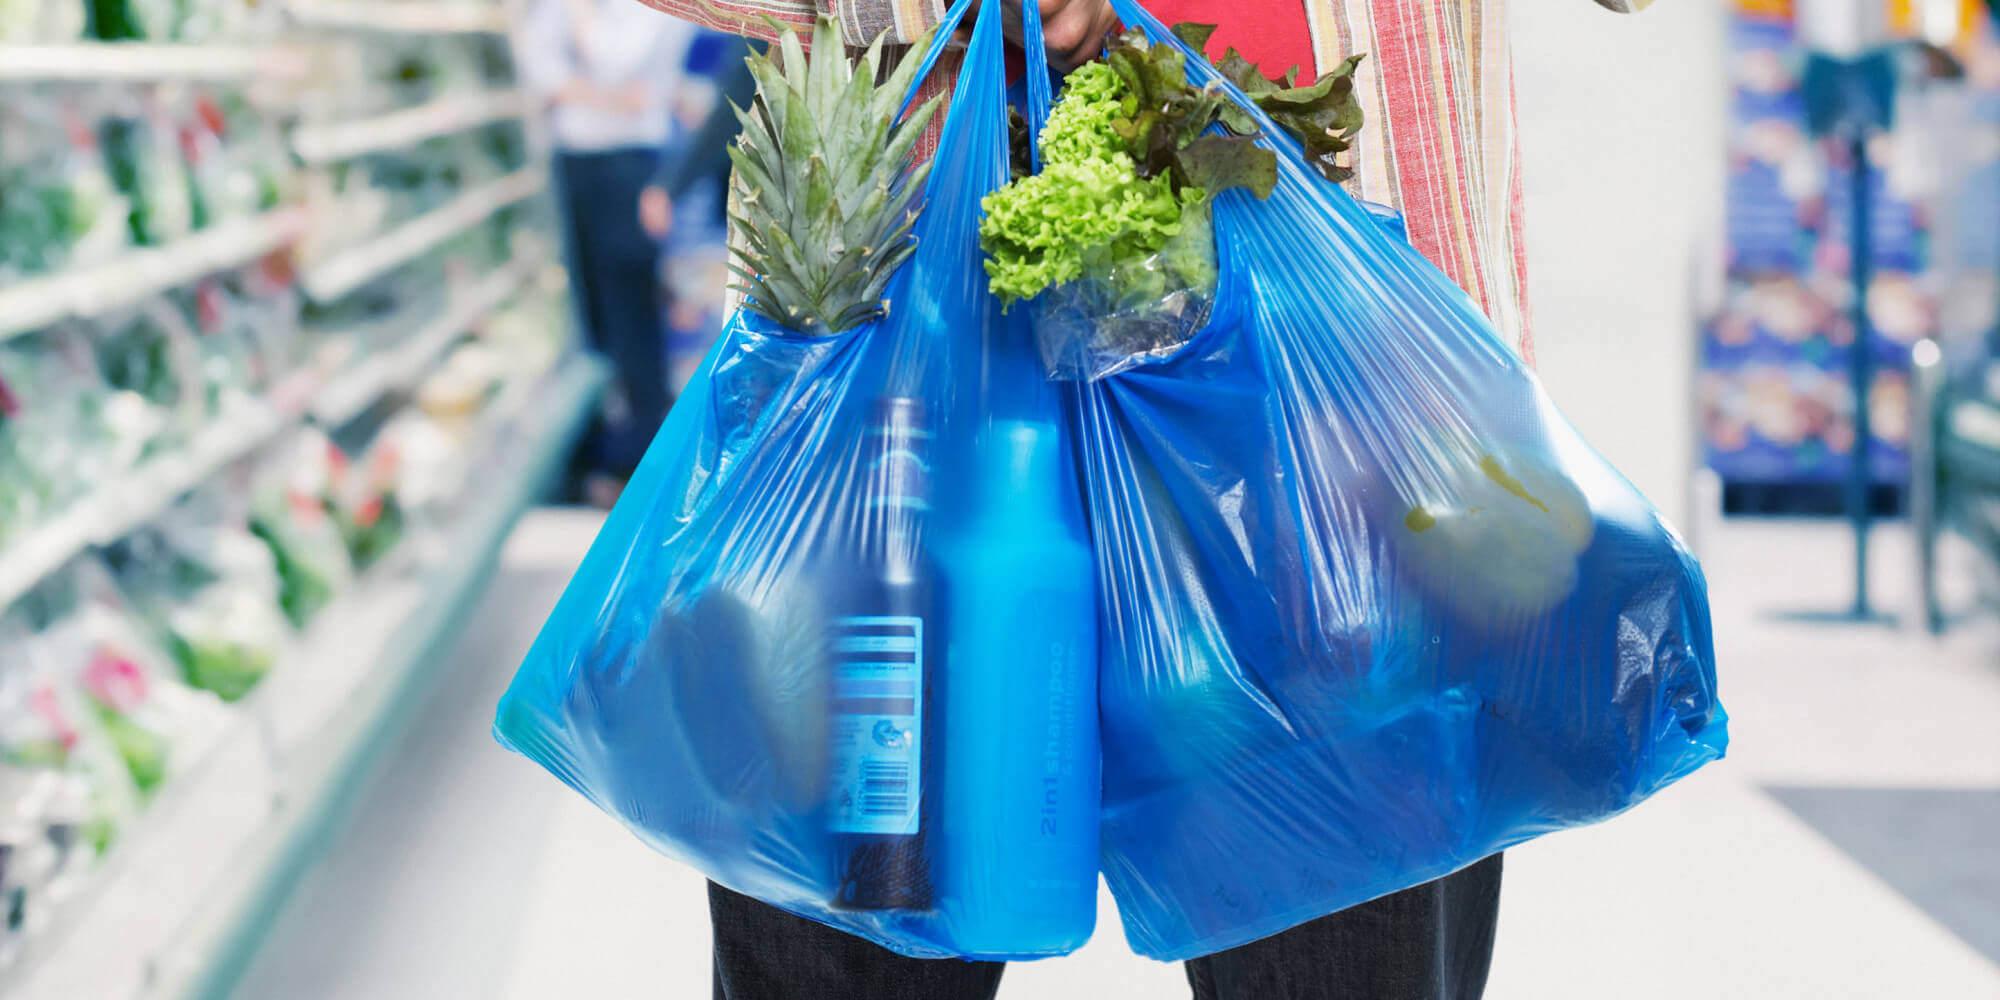 В Запорожье предлагают сократить продажу полиэтиленовых пакетов в продовольственных магазинах